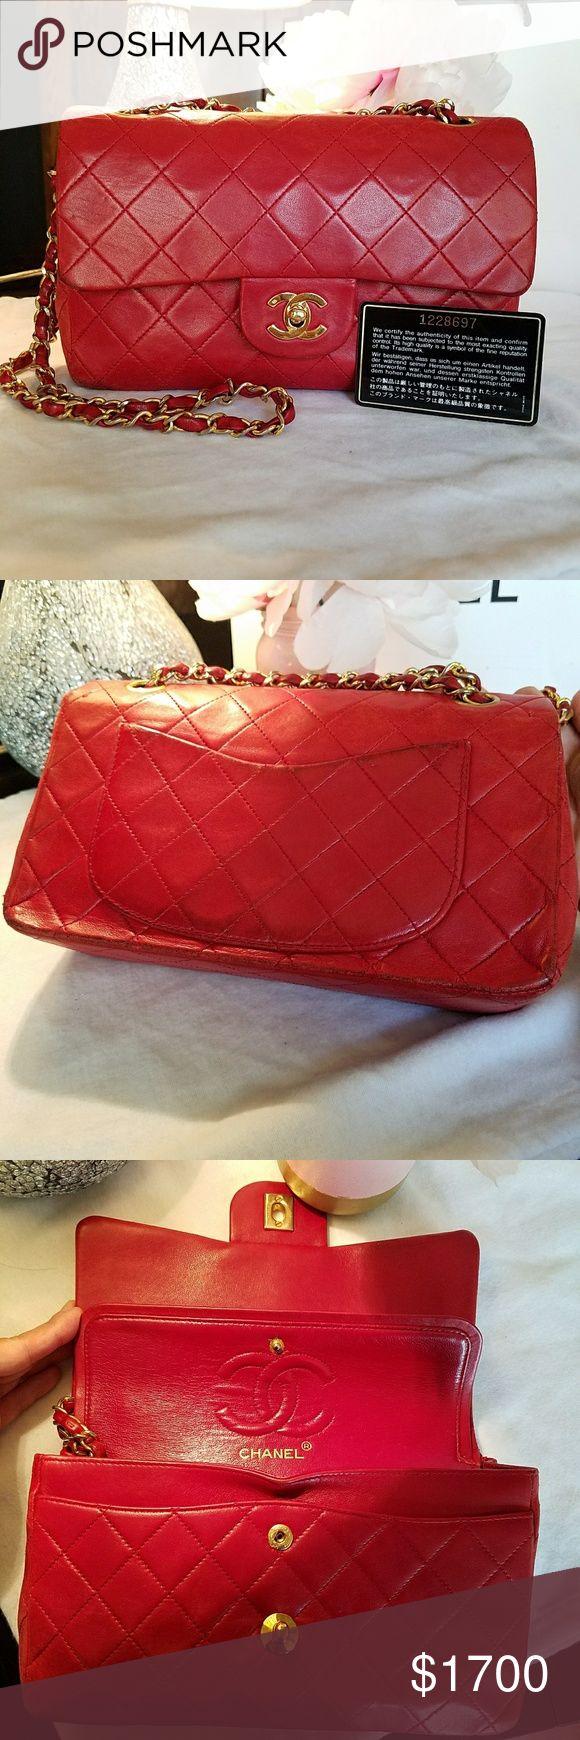 Chanel handbag superb vintage chanel bag vintage leather - Red Chanel Flap Bag Red Chanel Flap Bag Preloved Vintage